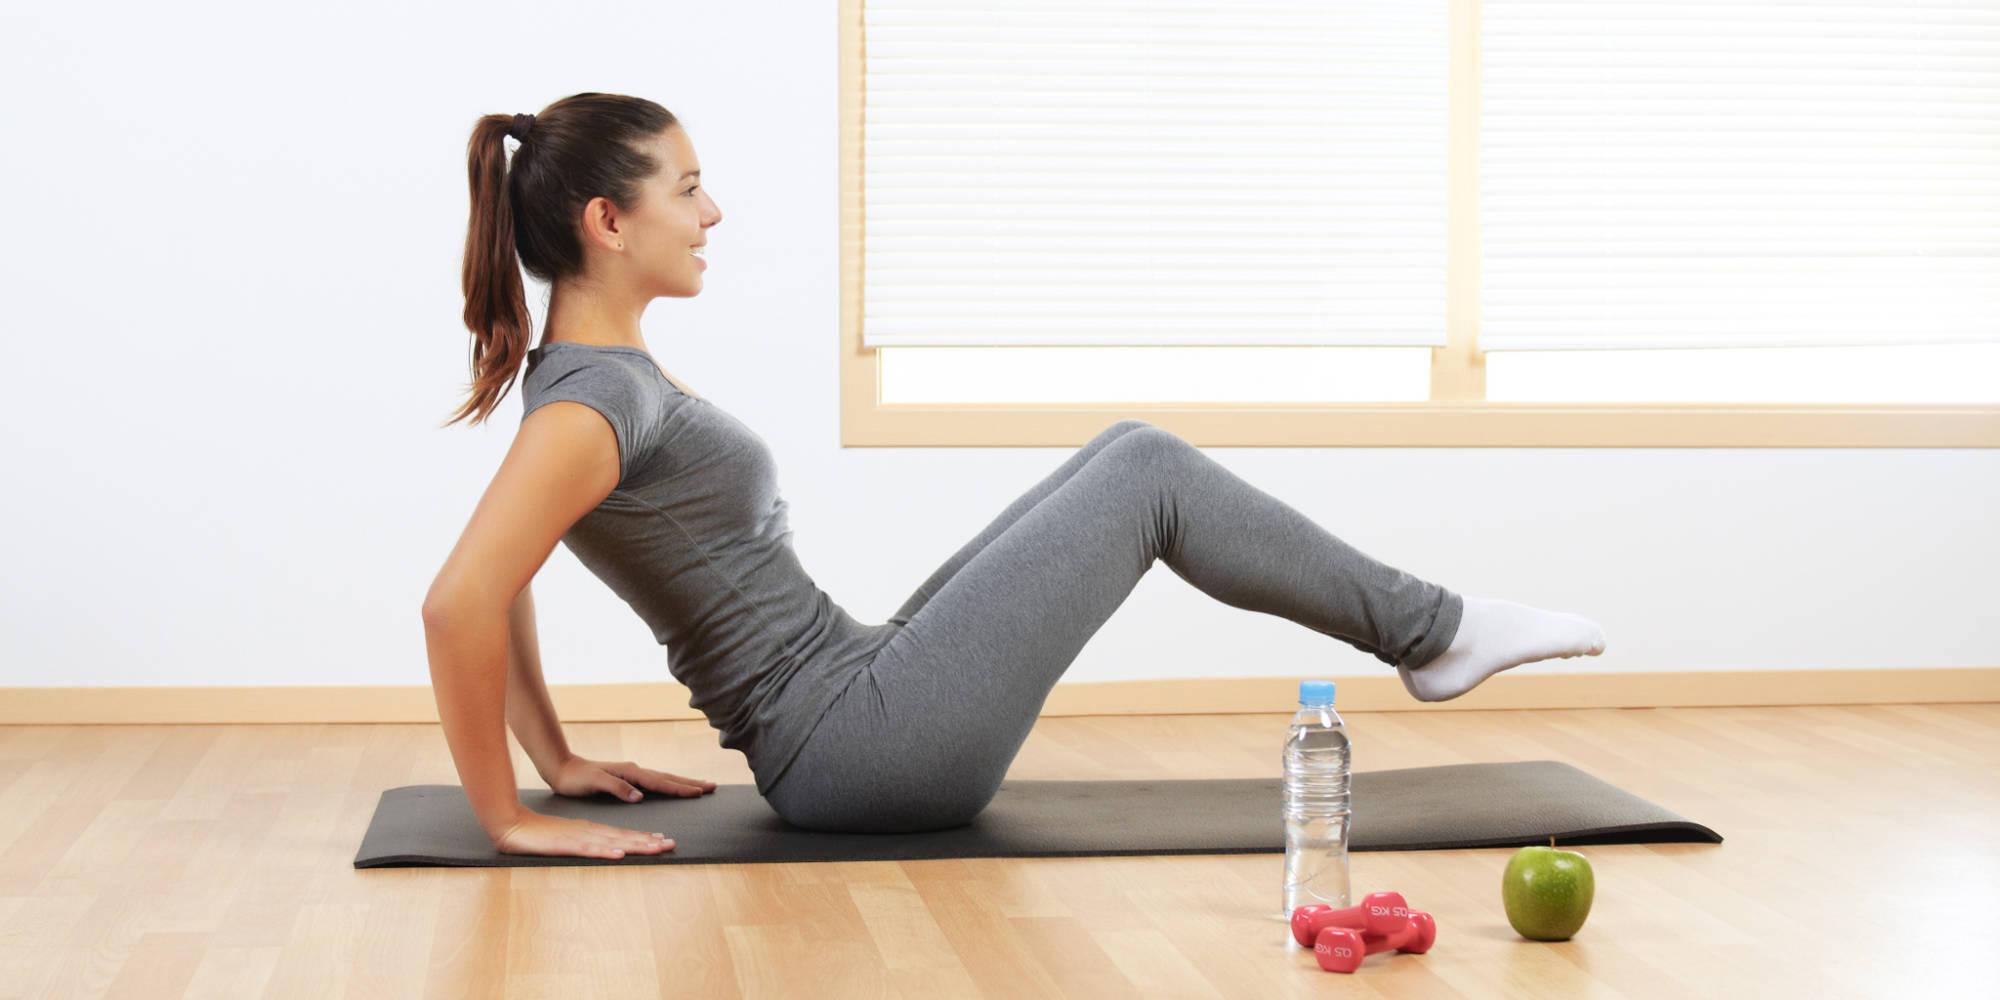 Ходьба на ягодицах: отзывы, польза упражнения для женщин и мужчин